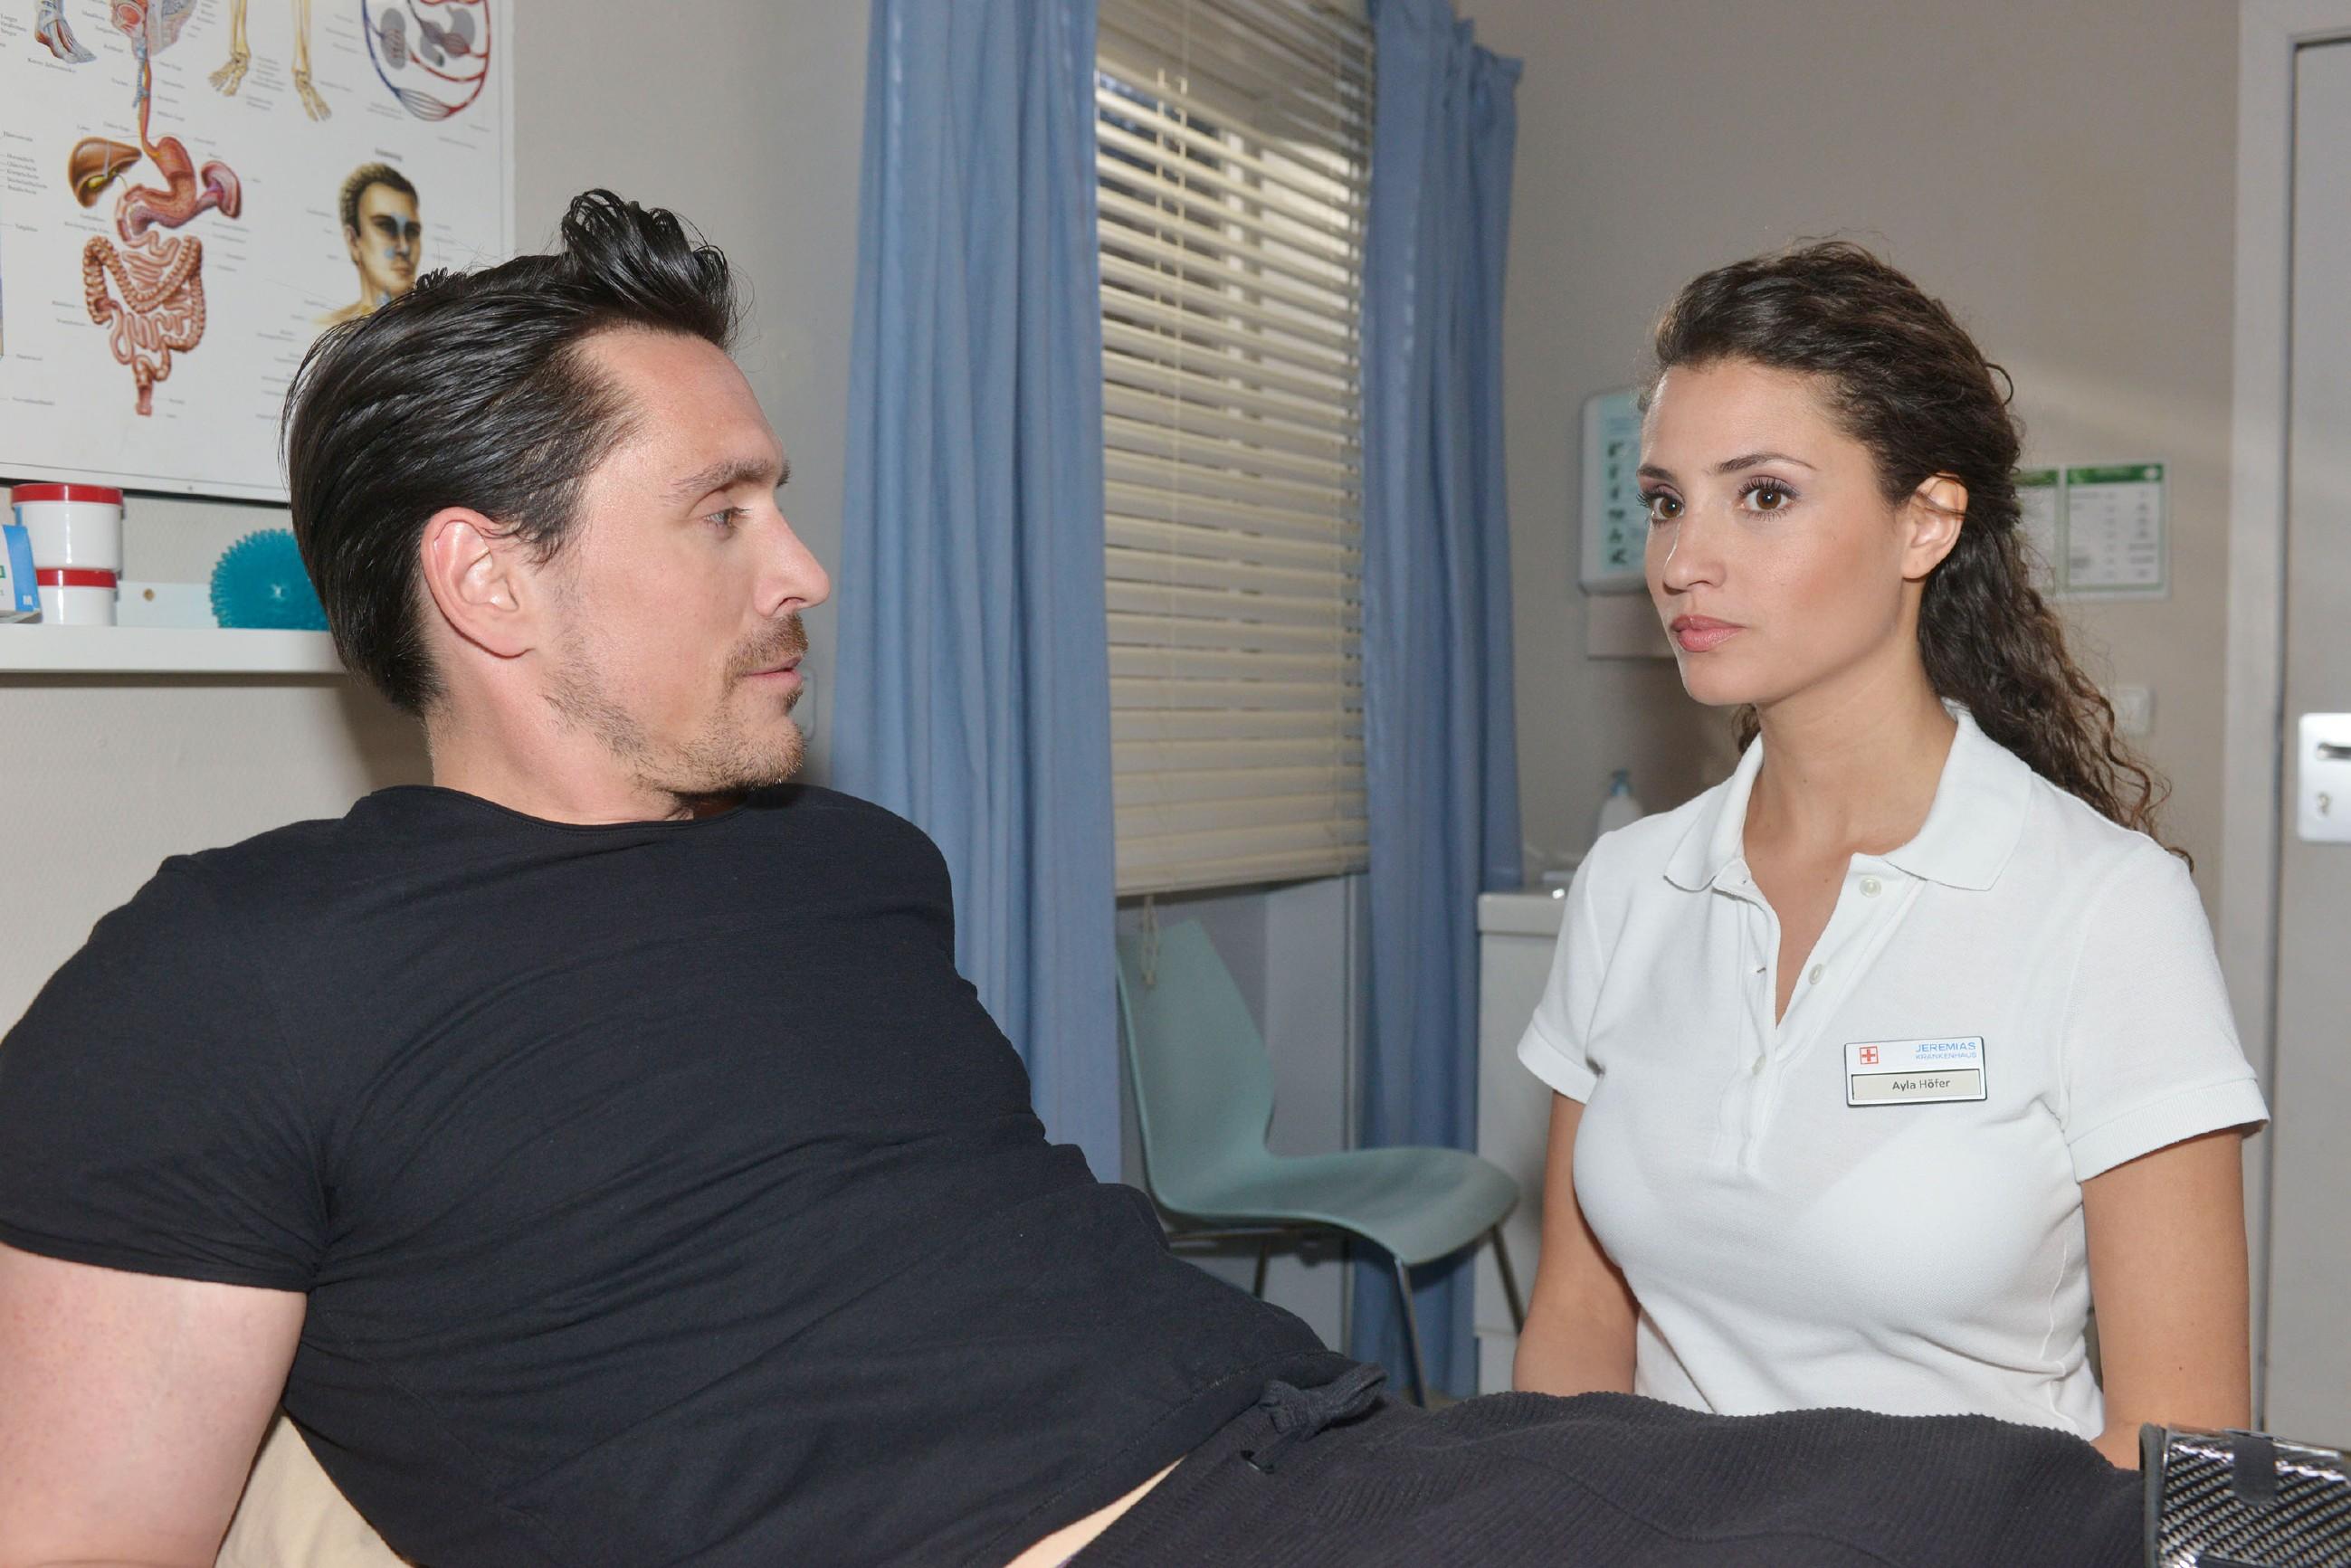 Als David (Philipp Christopher) sich bei Ayla (Nadine Menz) seinen ganzen Frust von der Seele redet, erkennt Ayla, dass David dabei ist, wieder in einen Strudel der Gewalt zu geraten... (Quelle: RTL / Rolf Baumgartner)